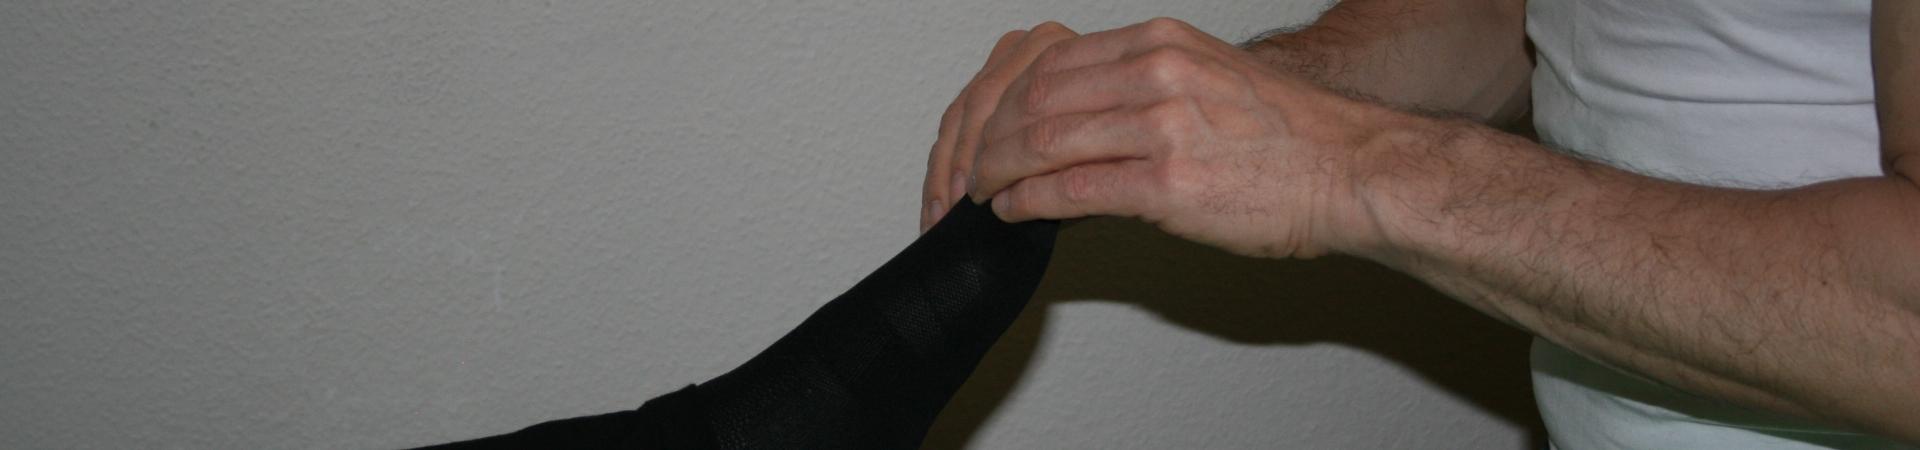 Billedet viser en en klient, der får behandling mod smerter i tæerne.